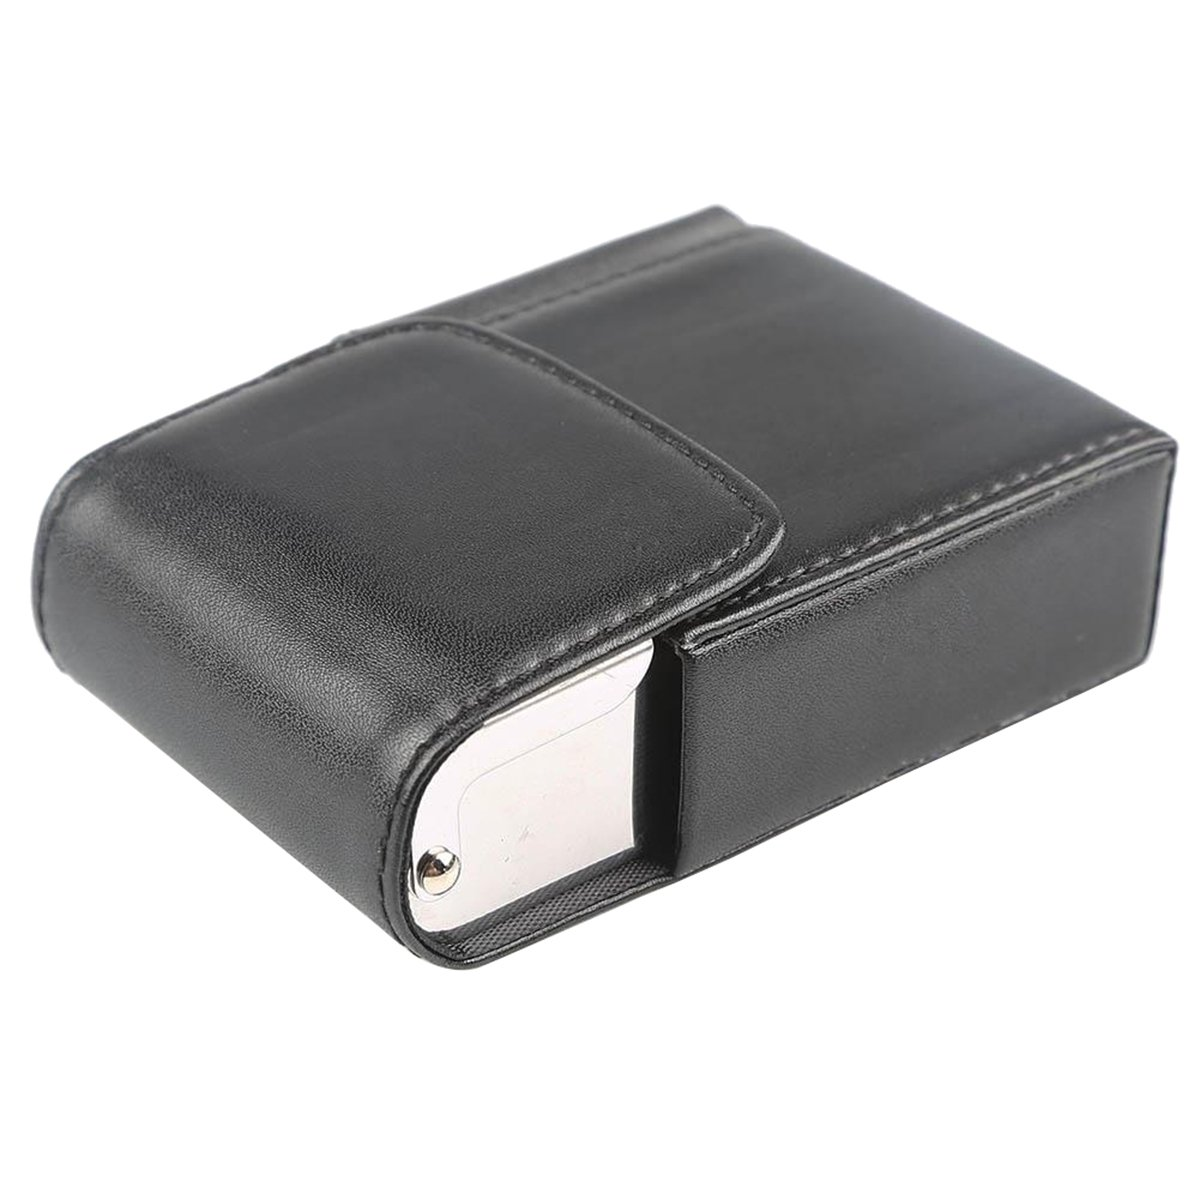 Latinaric 11 * 8 * 3 cm portasigarette scatola caso tabacco tasca per 20 PCS sigarette